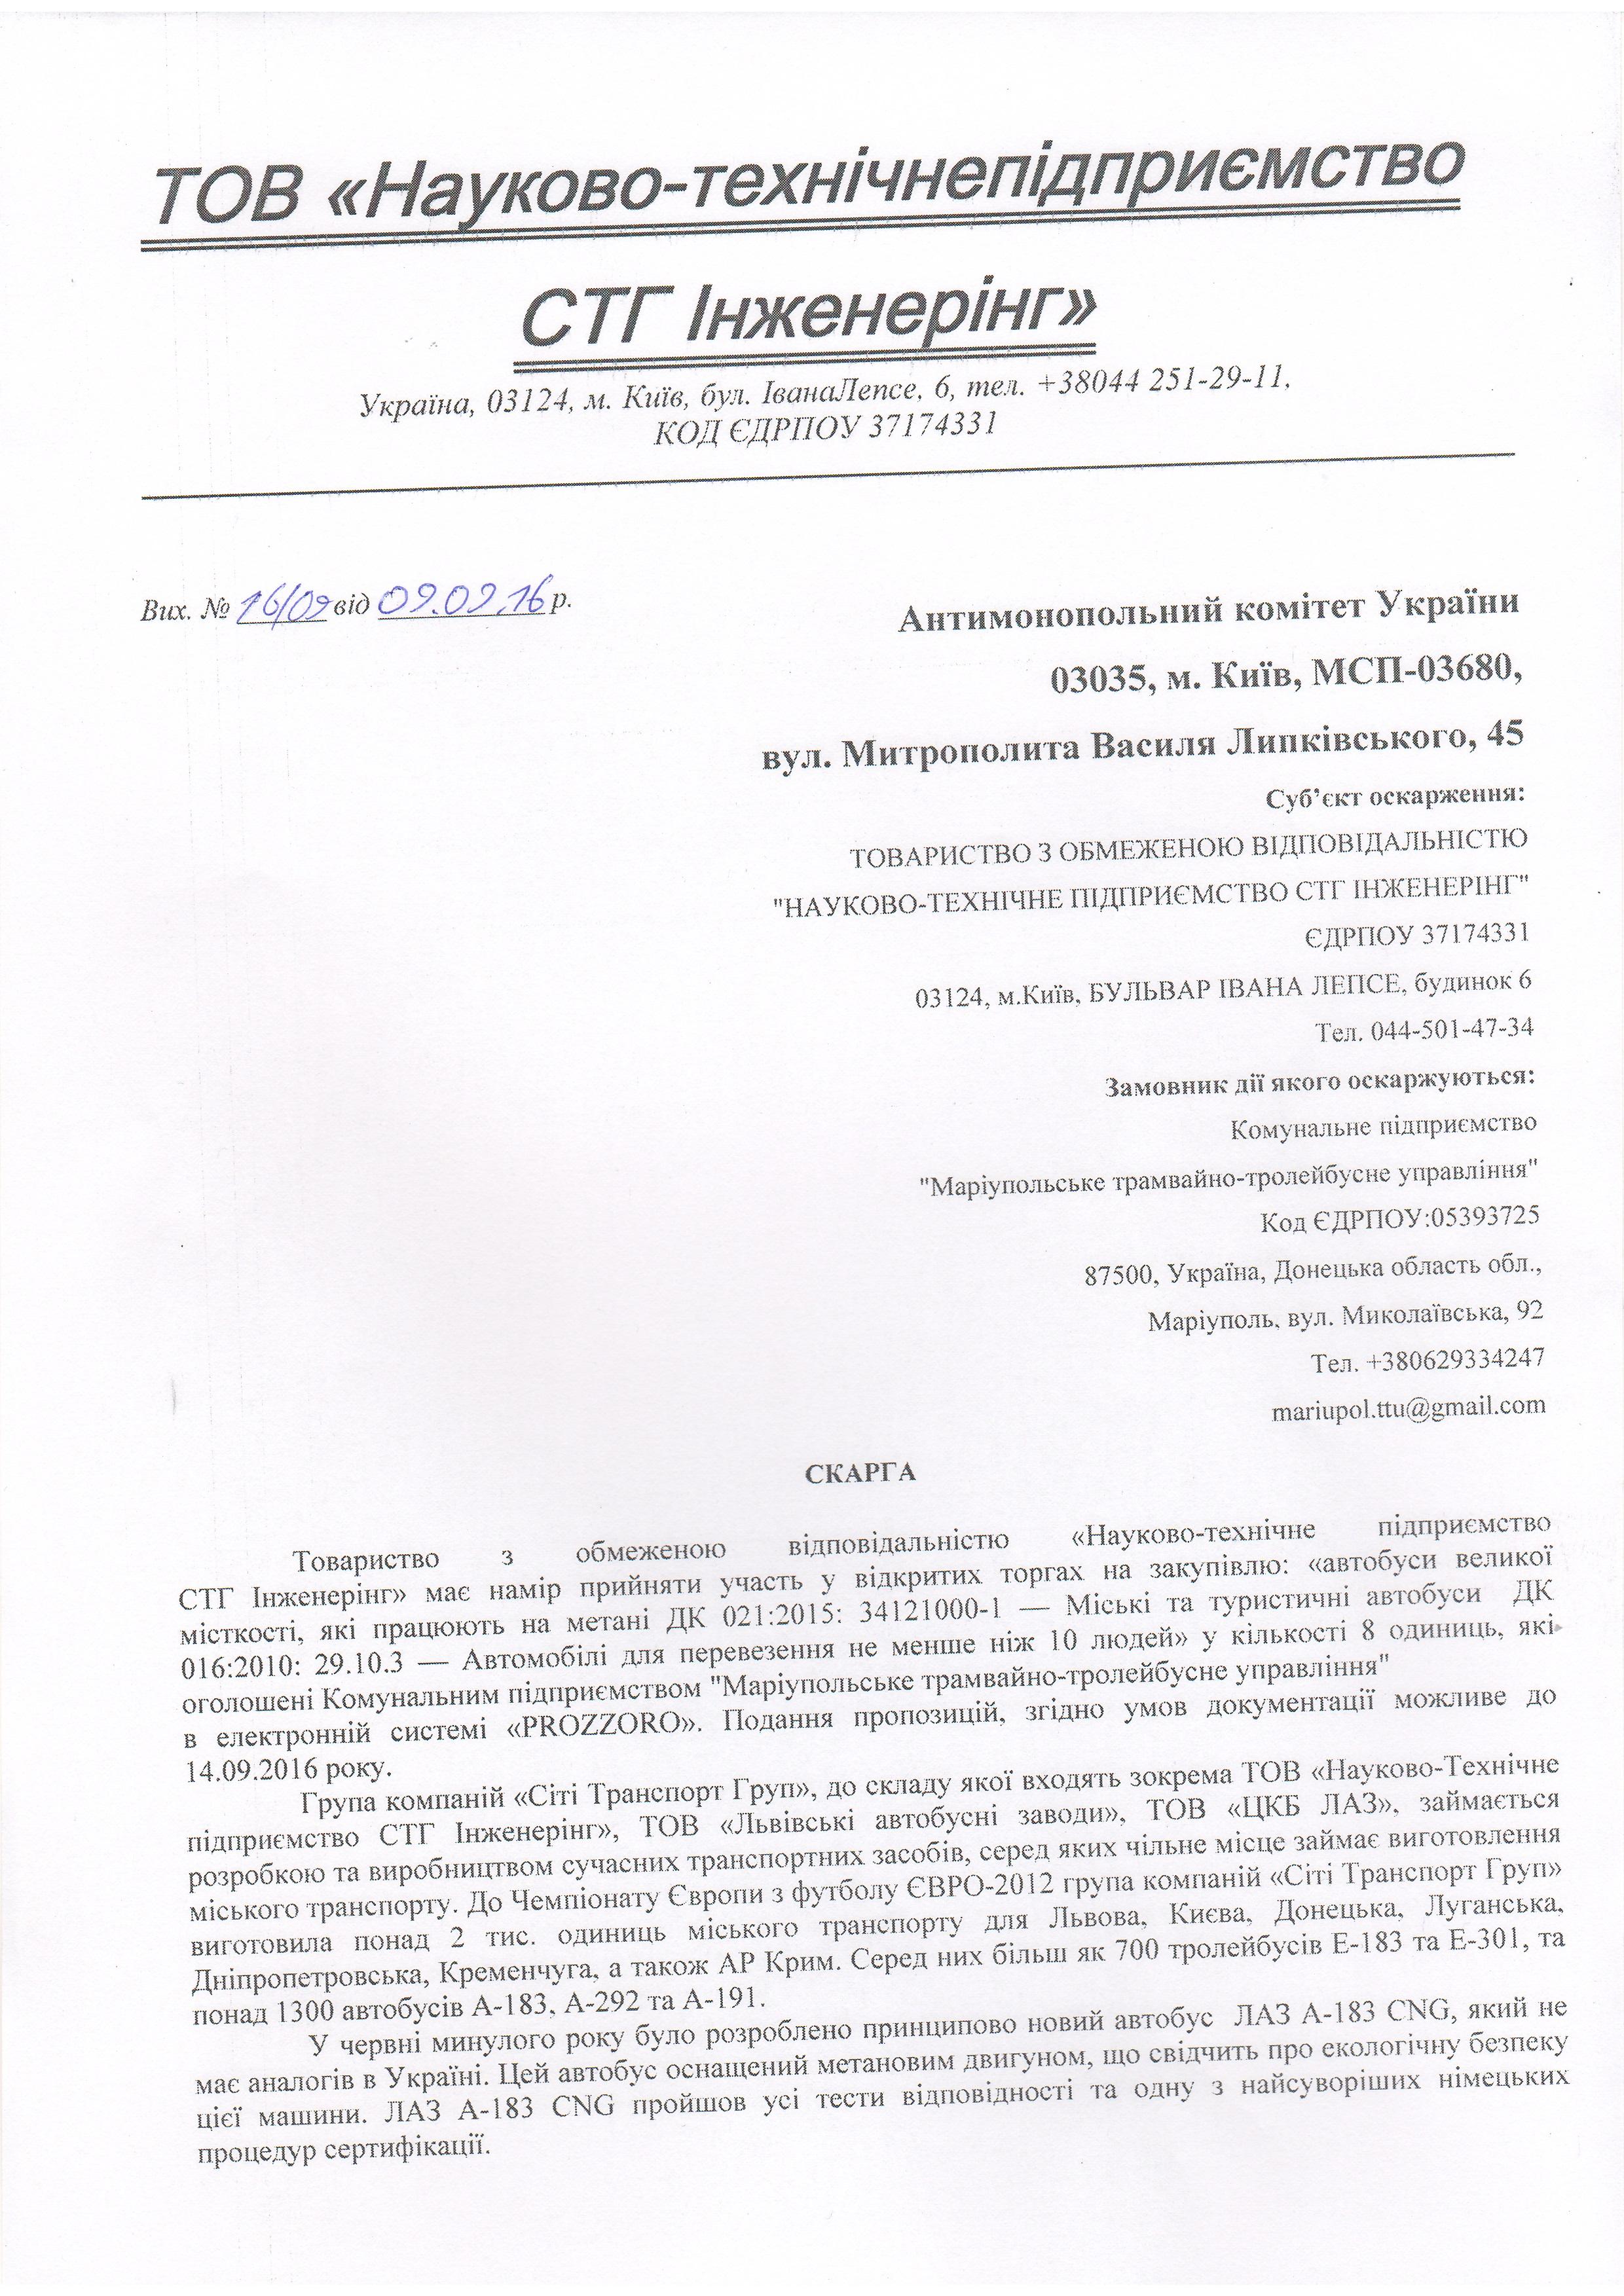 Что заставило «ЛАЗ» обратиться в Антимонопольный комитет 1